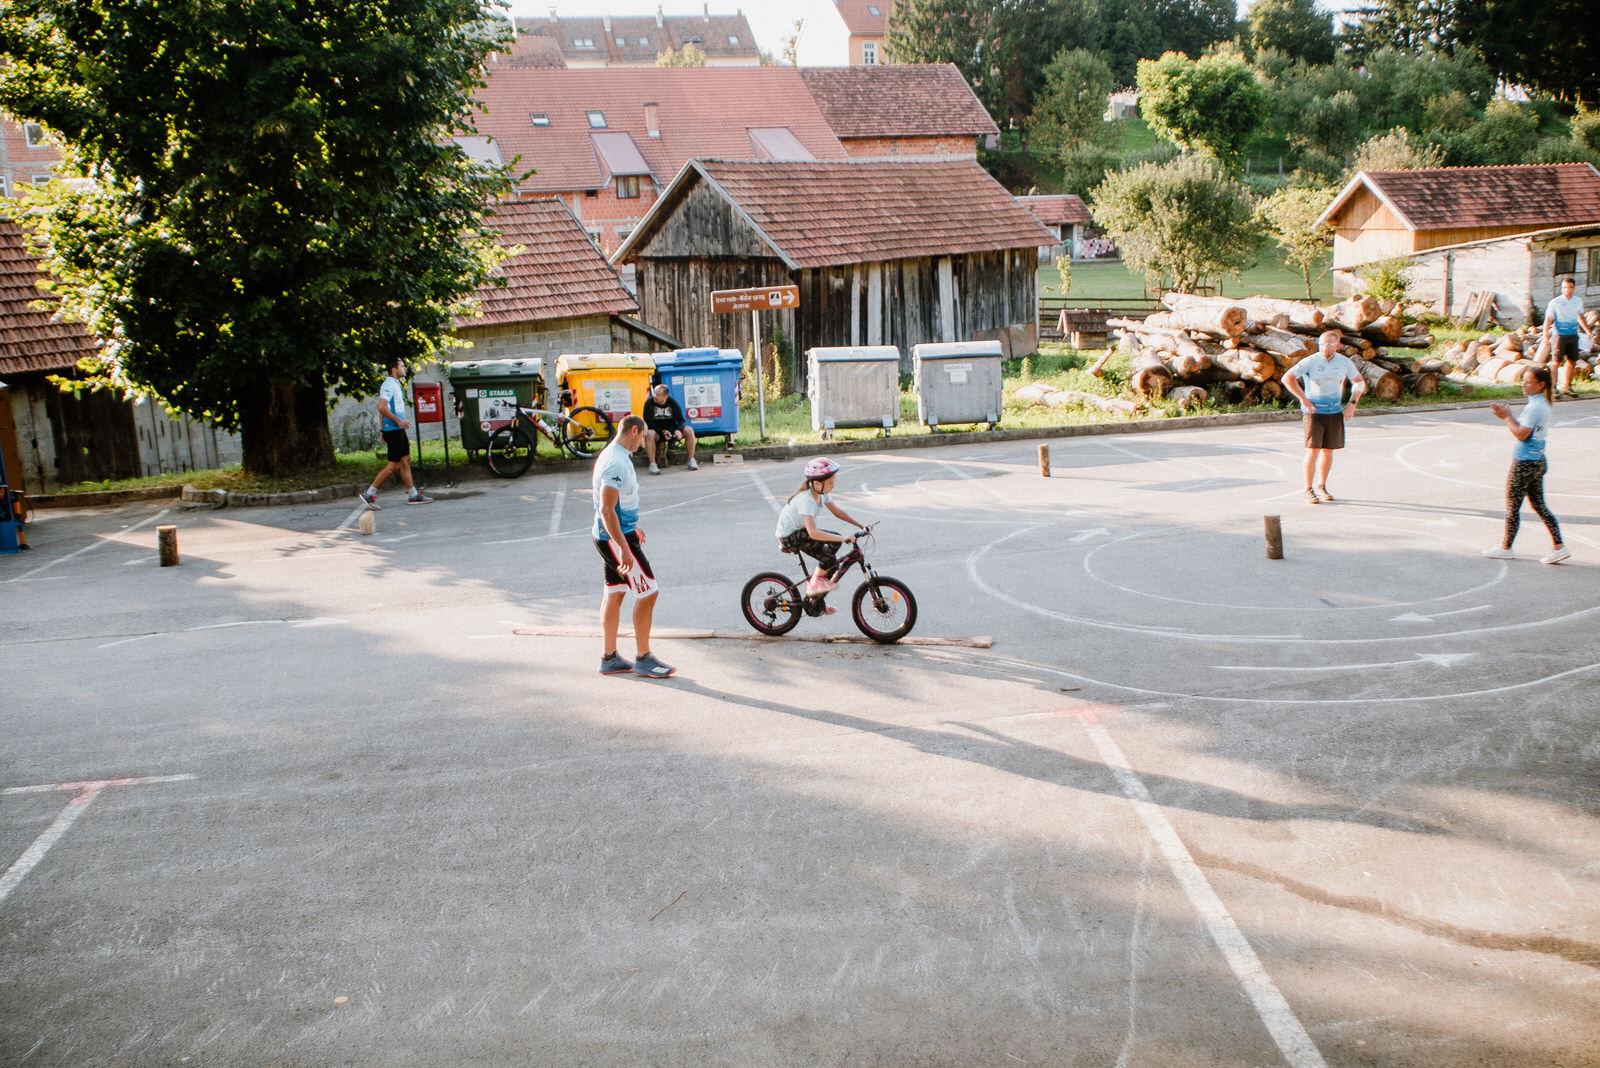 likaclub_rakovica_1-mala-biciklijada_2019-10